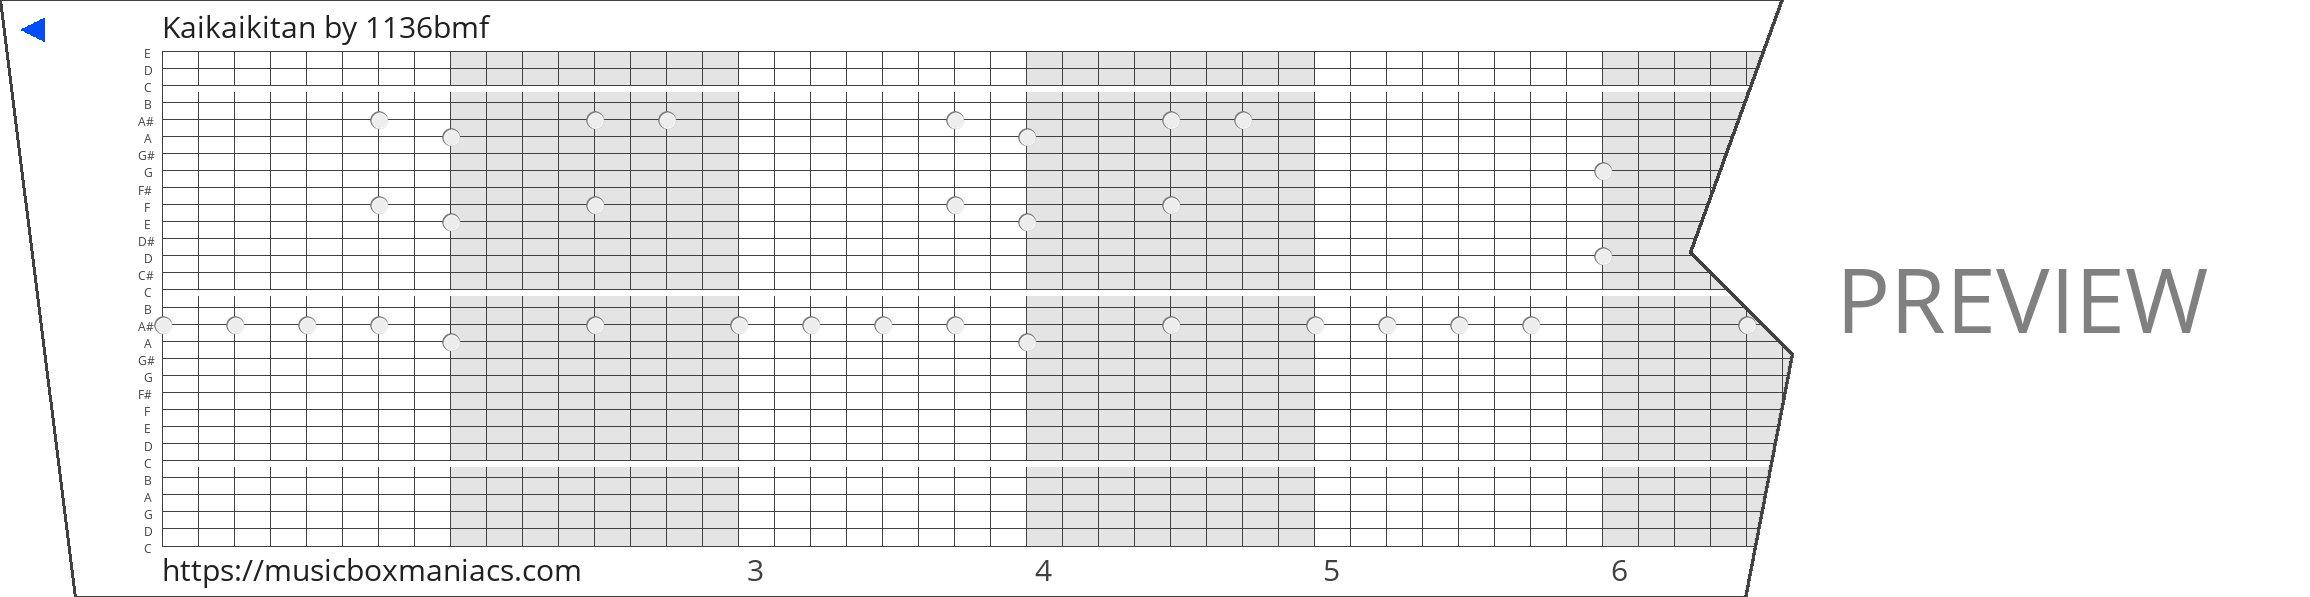 Kaikaikitan 30 note music box paper strip